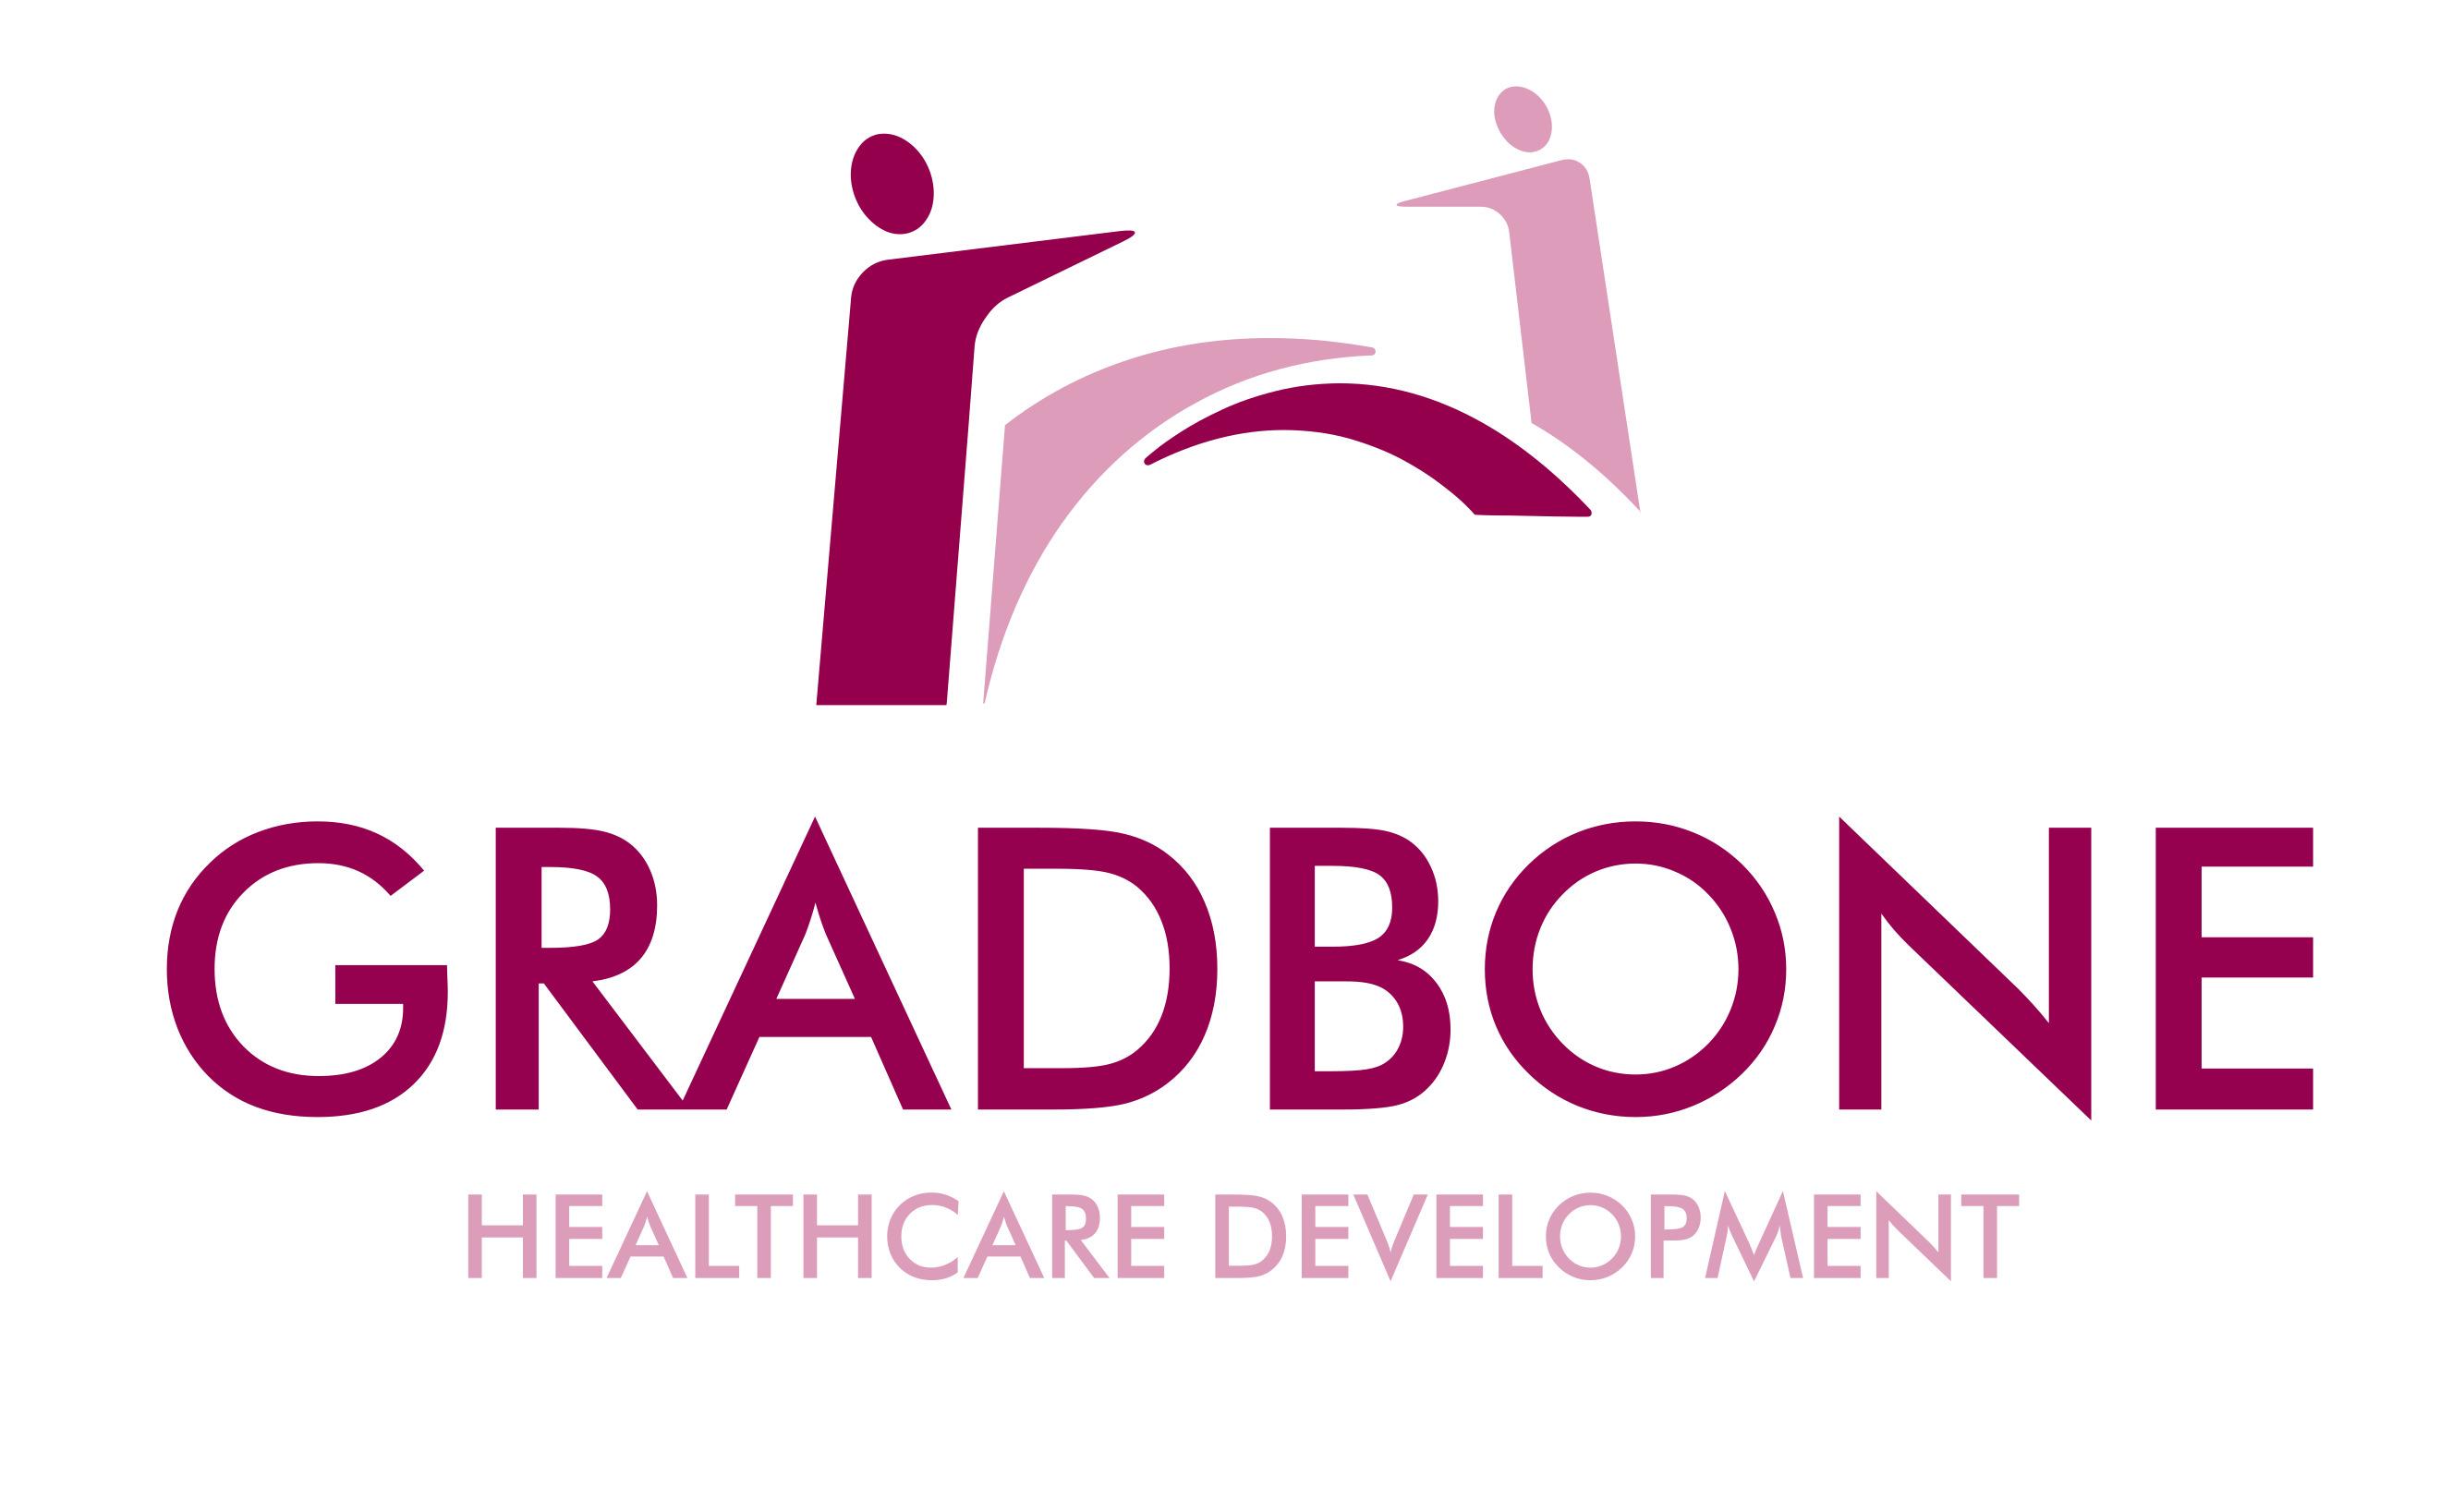 Gradbone Healthcare Devlopment